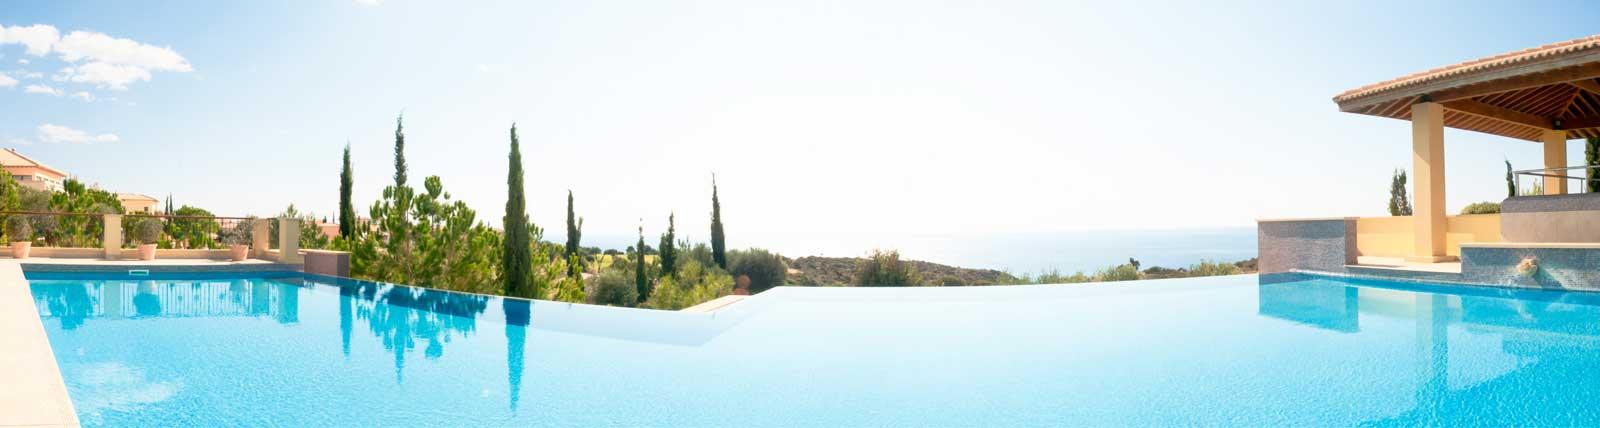 Vakantiehuis met een priv zwembad inde algarve jij kunt for Vakantiehuisjes met prive zwembad